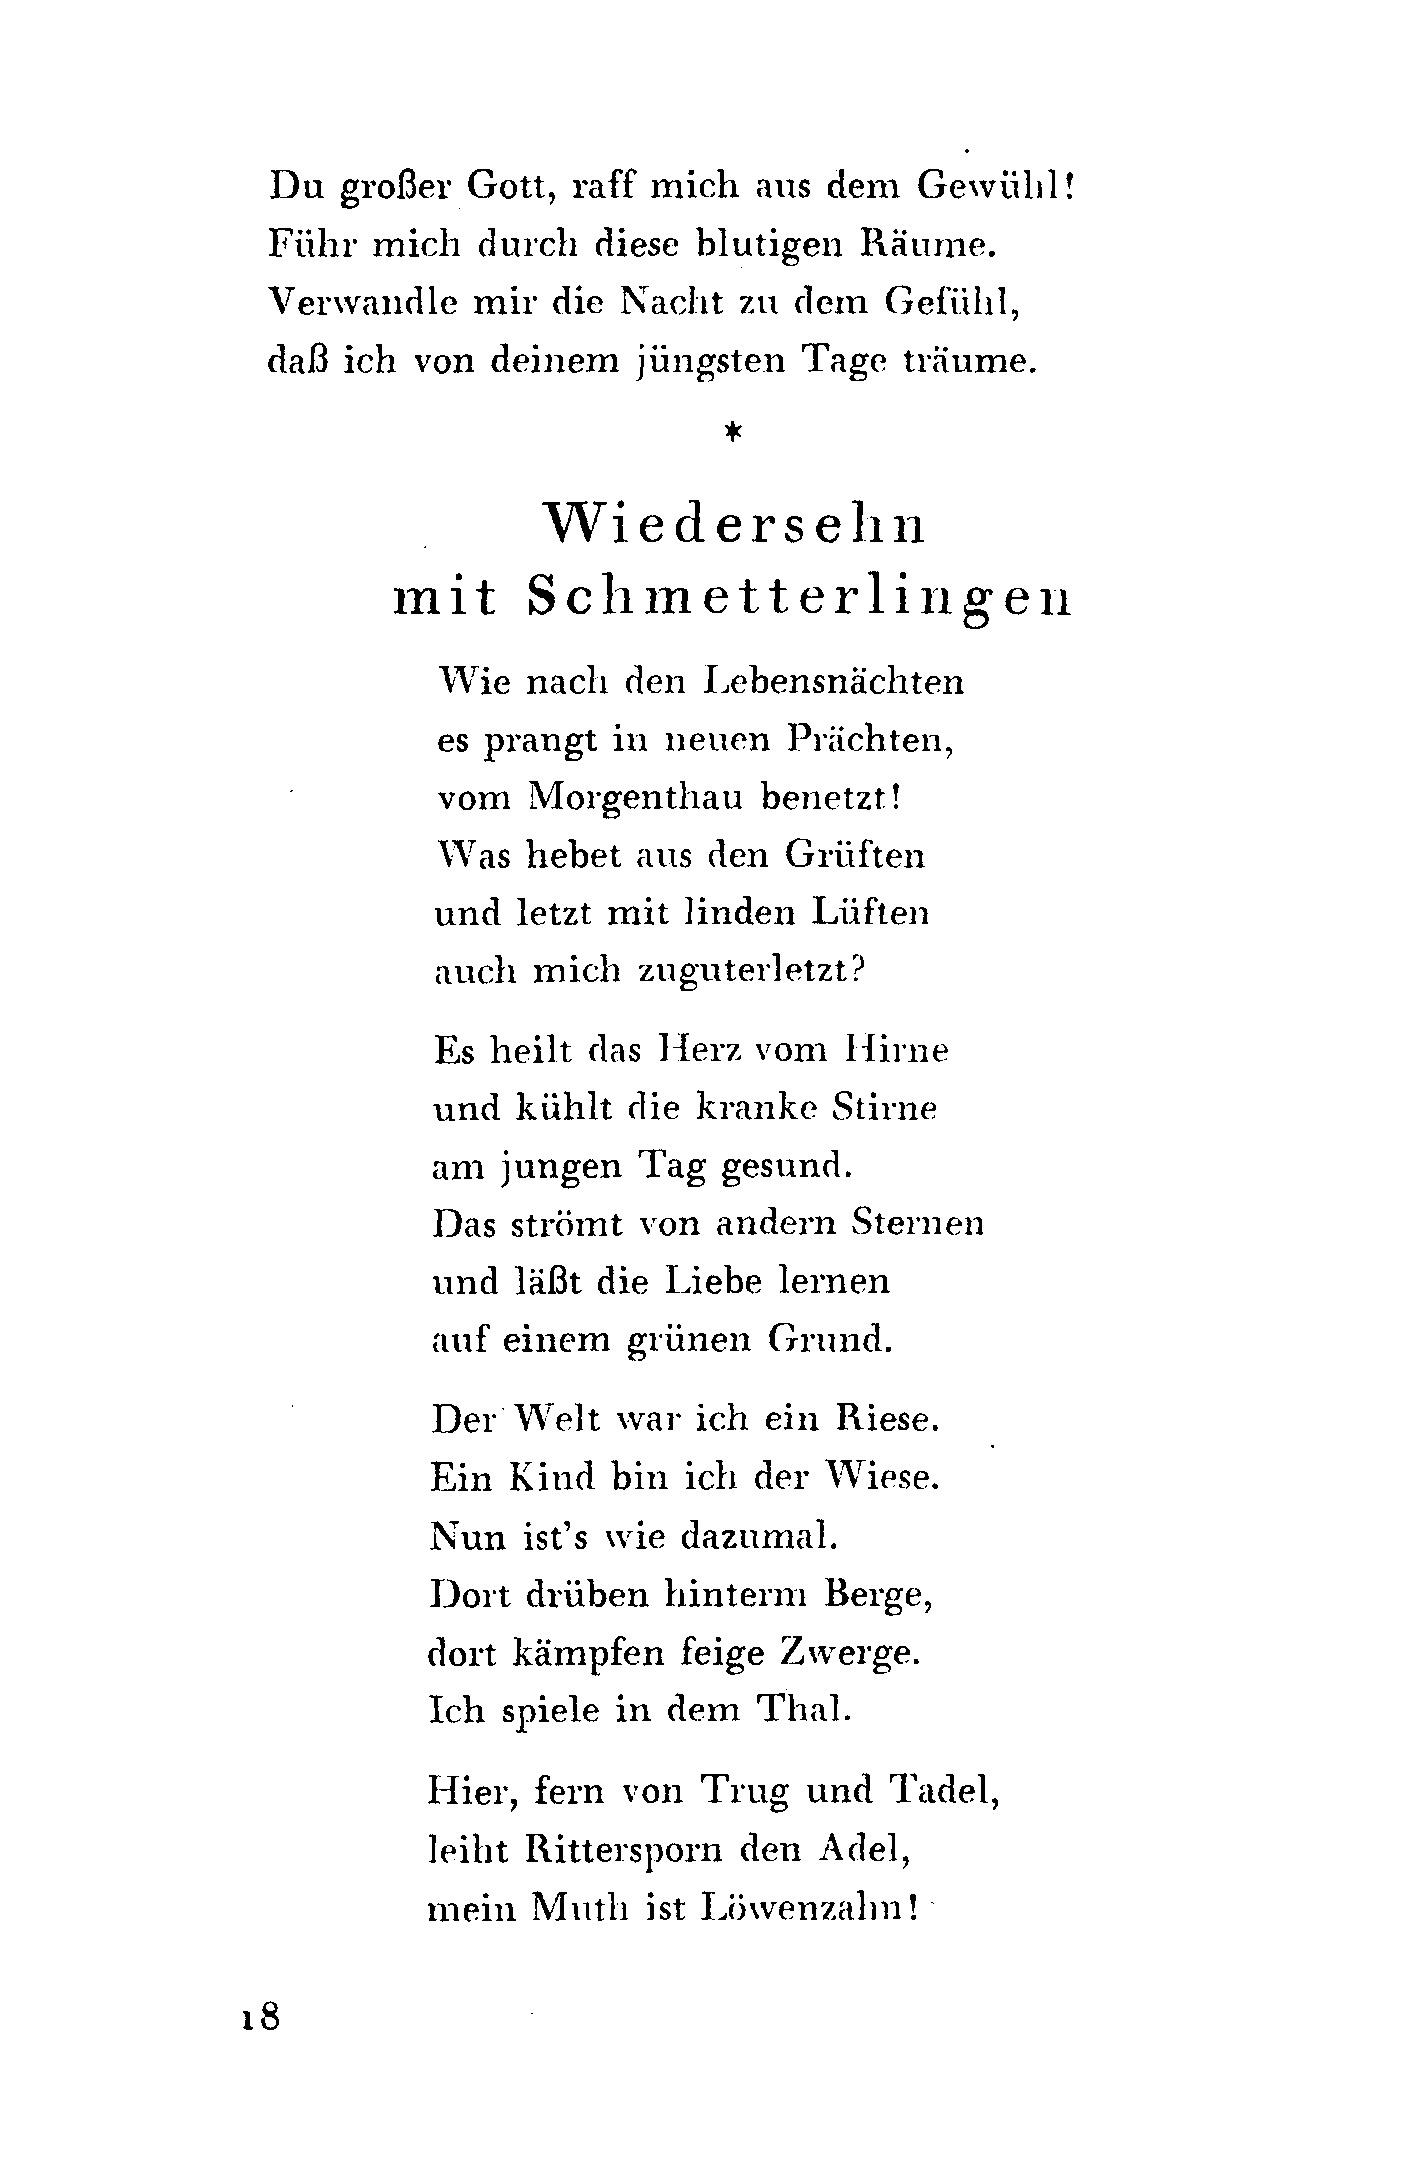 Download Gluckwunschverse Und Kinderreime Gedichte Zum Lesen Und Vortragen Ifpage 3 Download Gluckwunschverse Und Kinderreime Gedichte Zum Lesen Und Vortragen